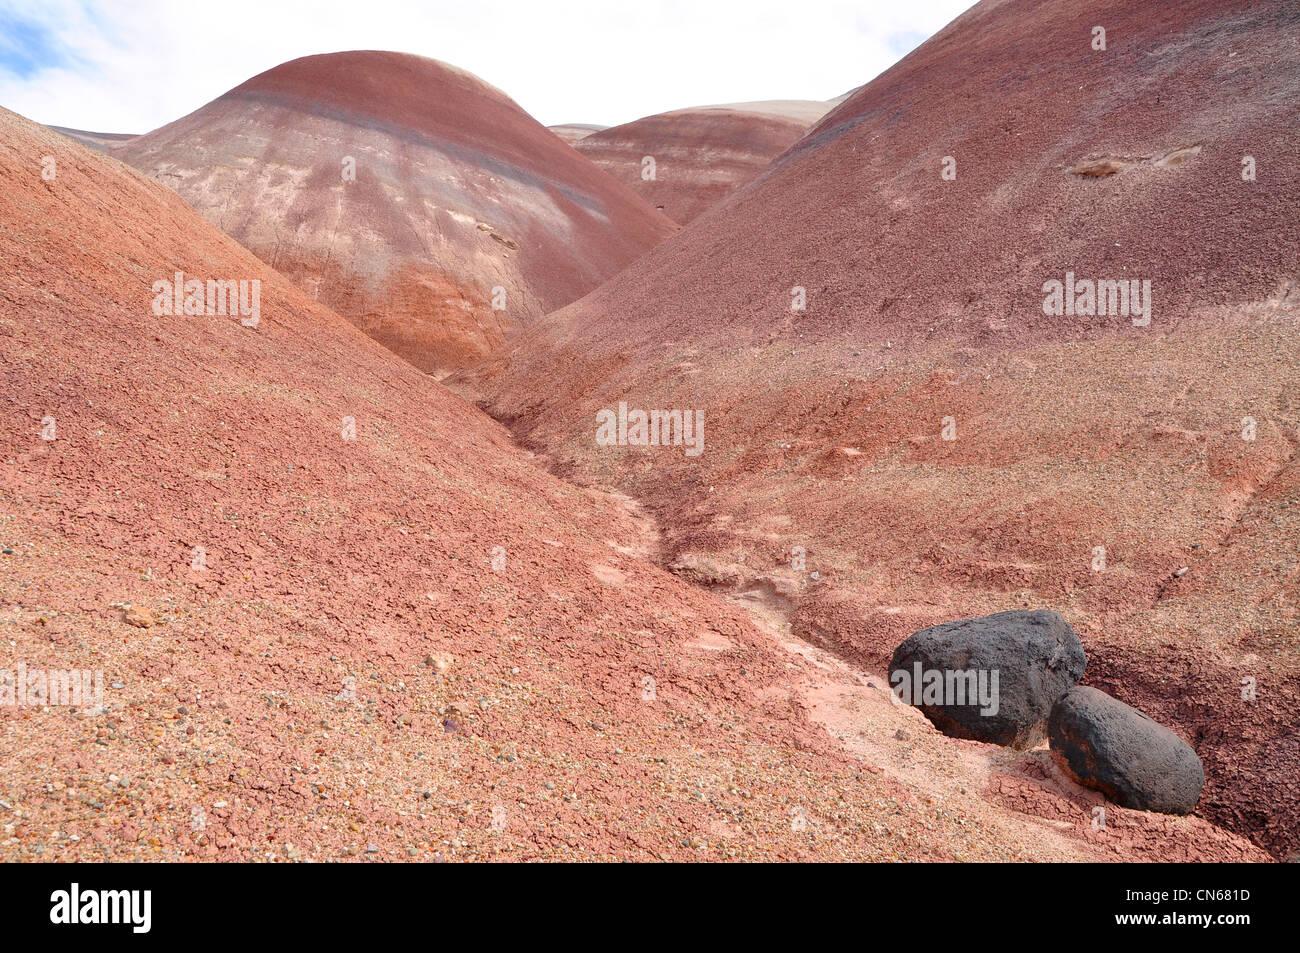 Boulders in shale hills, San Rafael Desert, Utah. - Stock Image